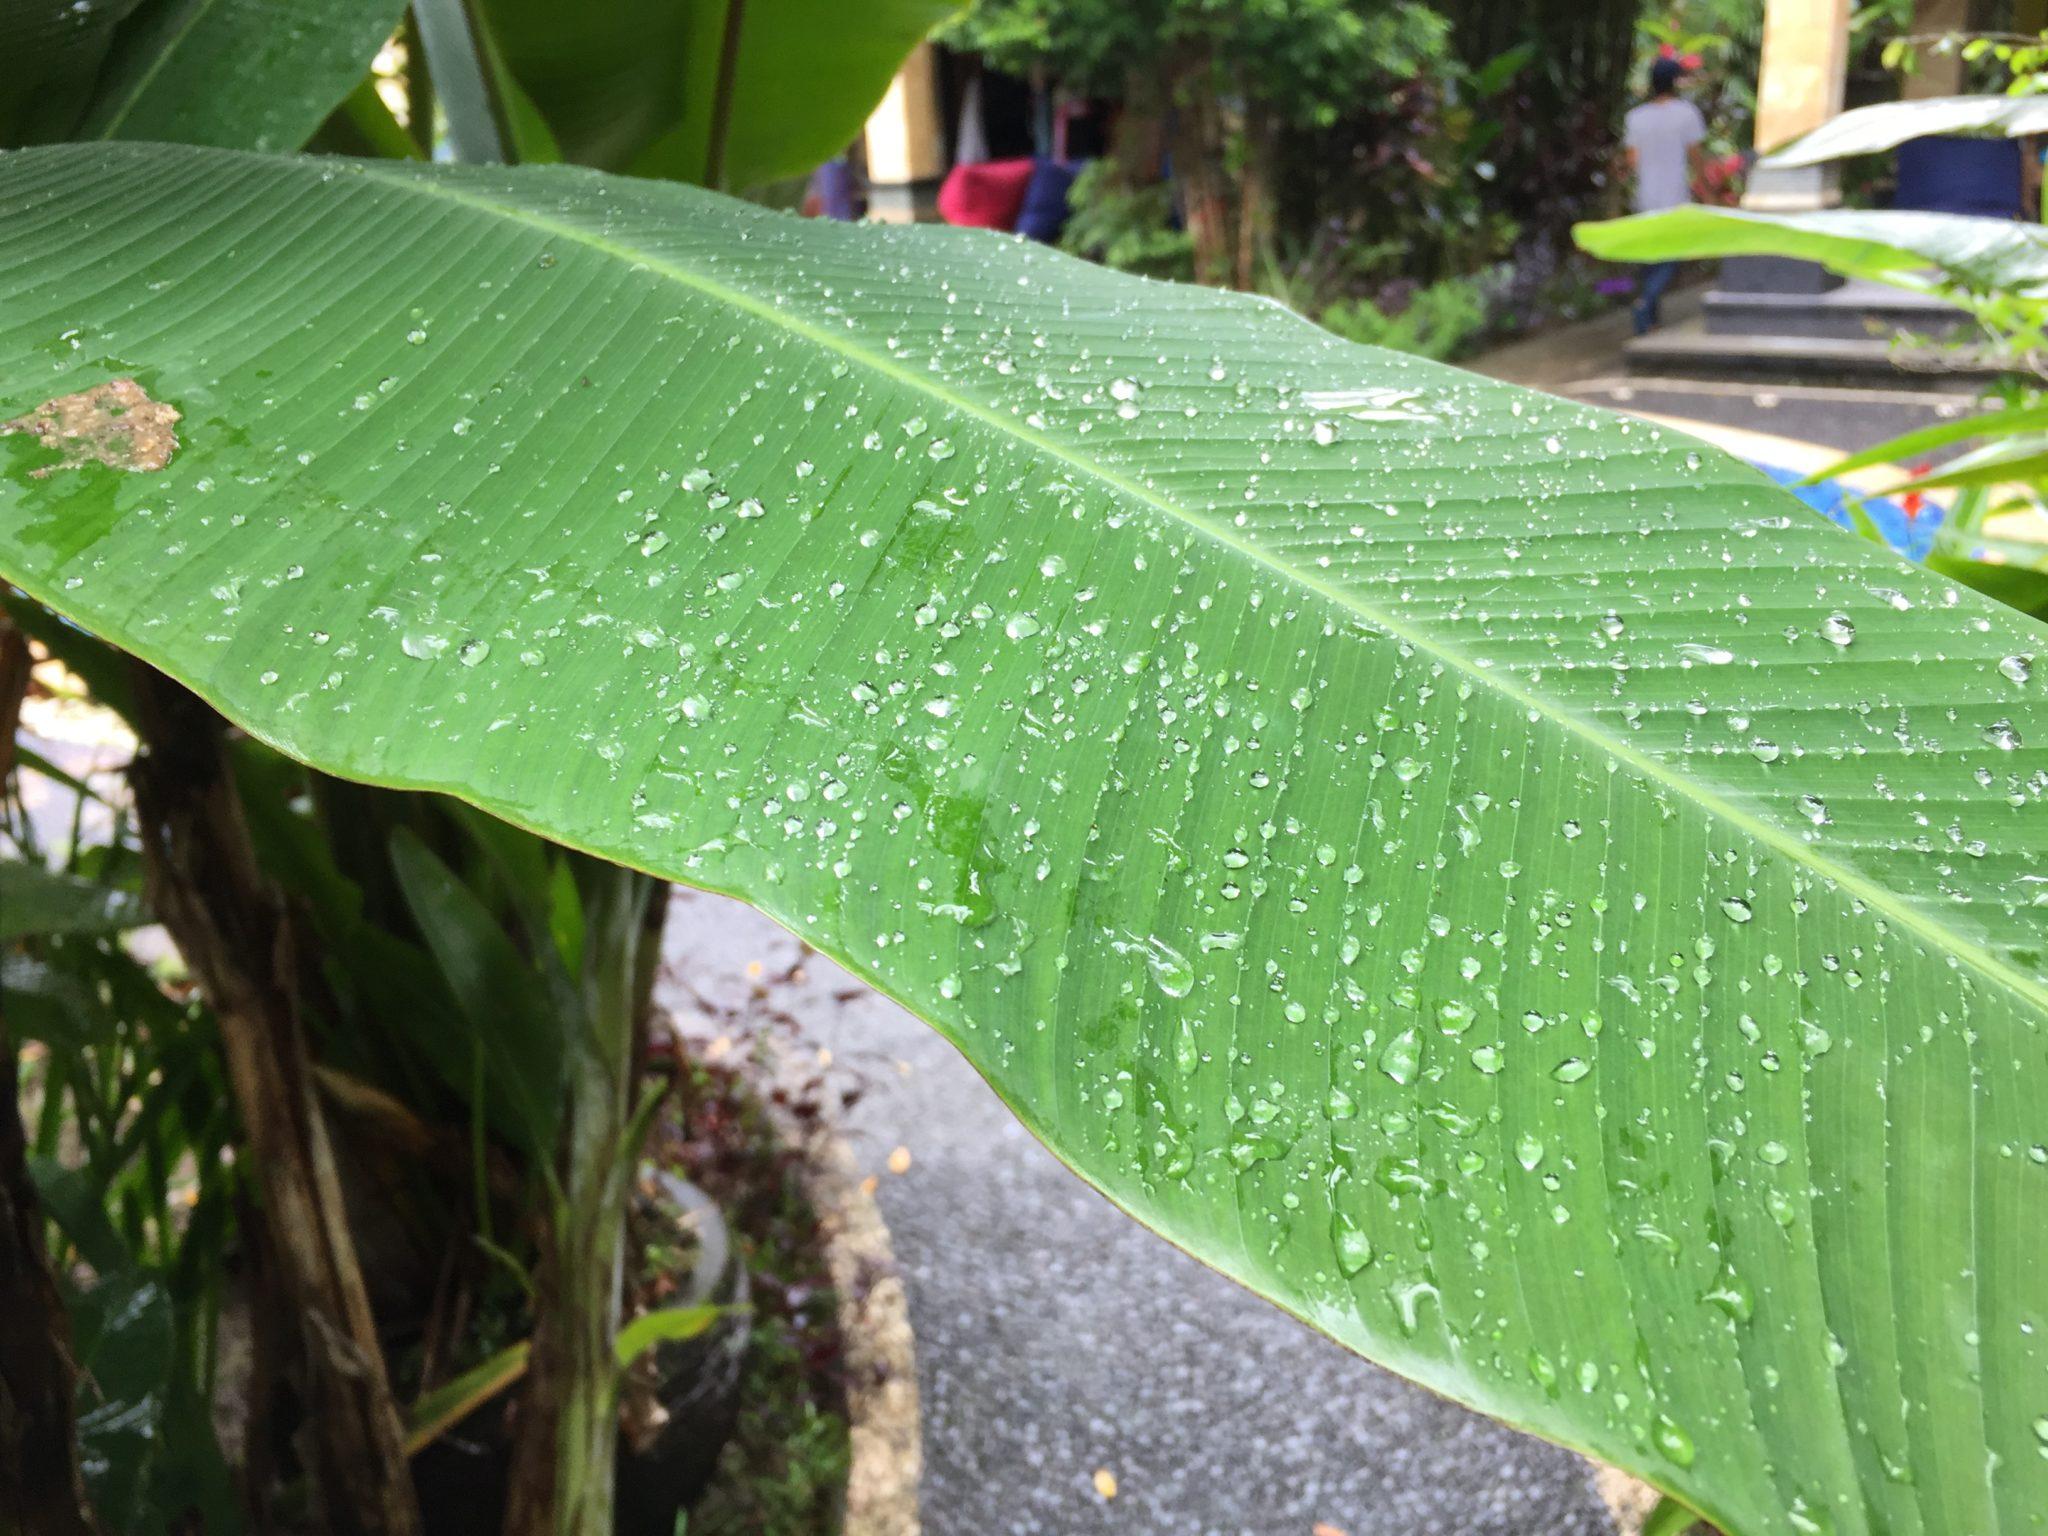 Bananenblatt mit Regentropfen